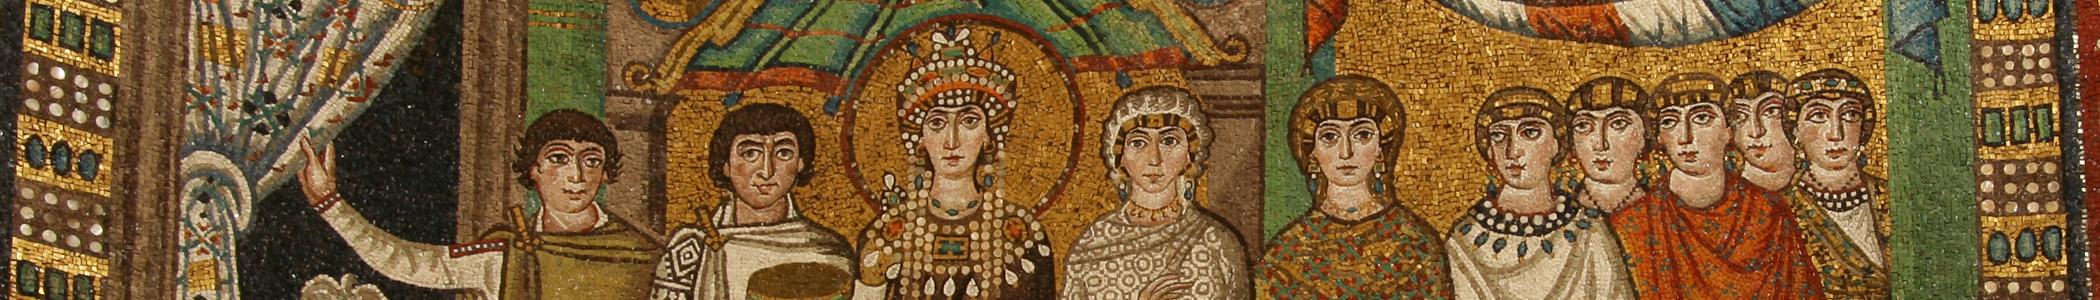 จักรพรรดินีธีโอโดราและข้าราชสำนัก